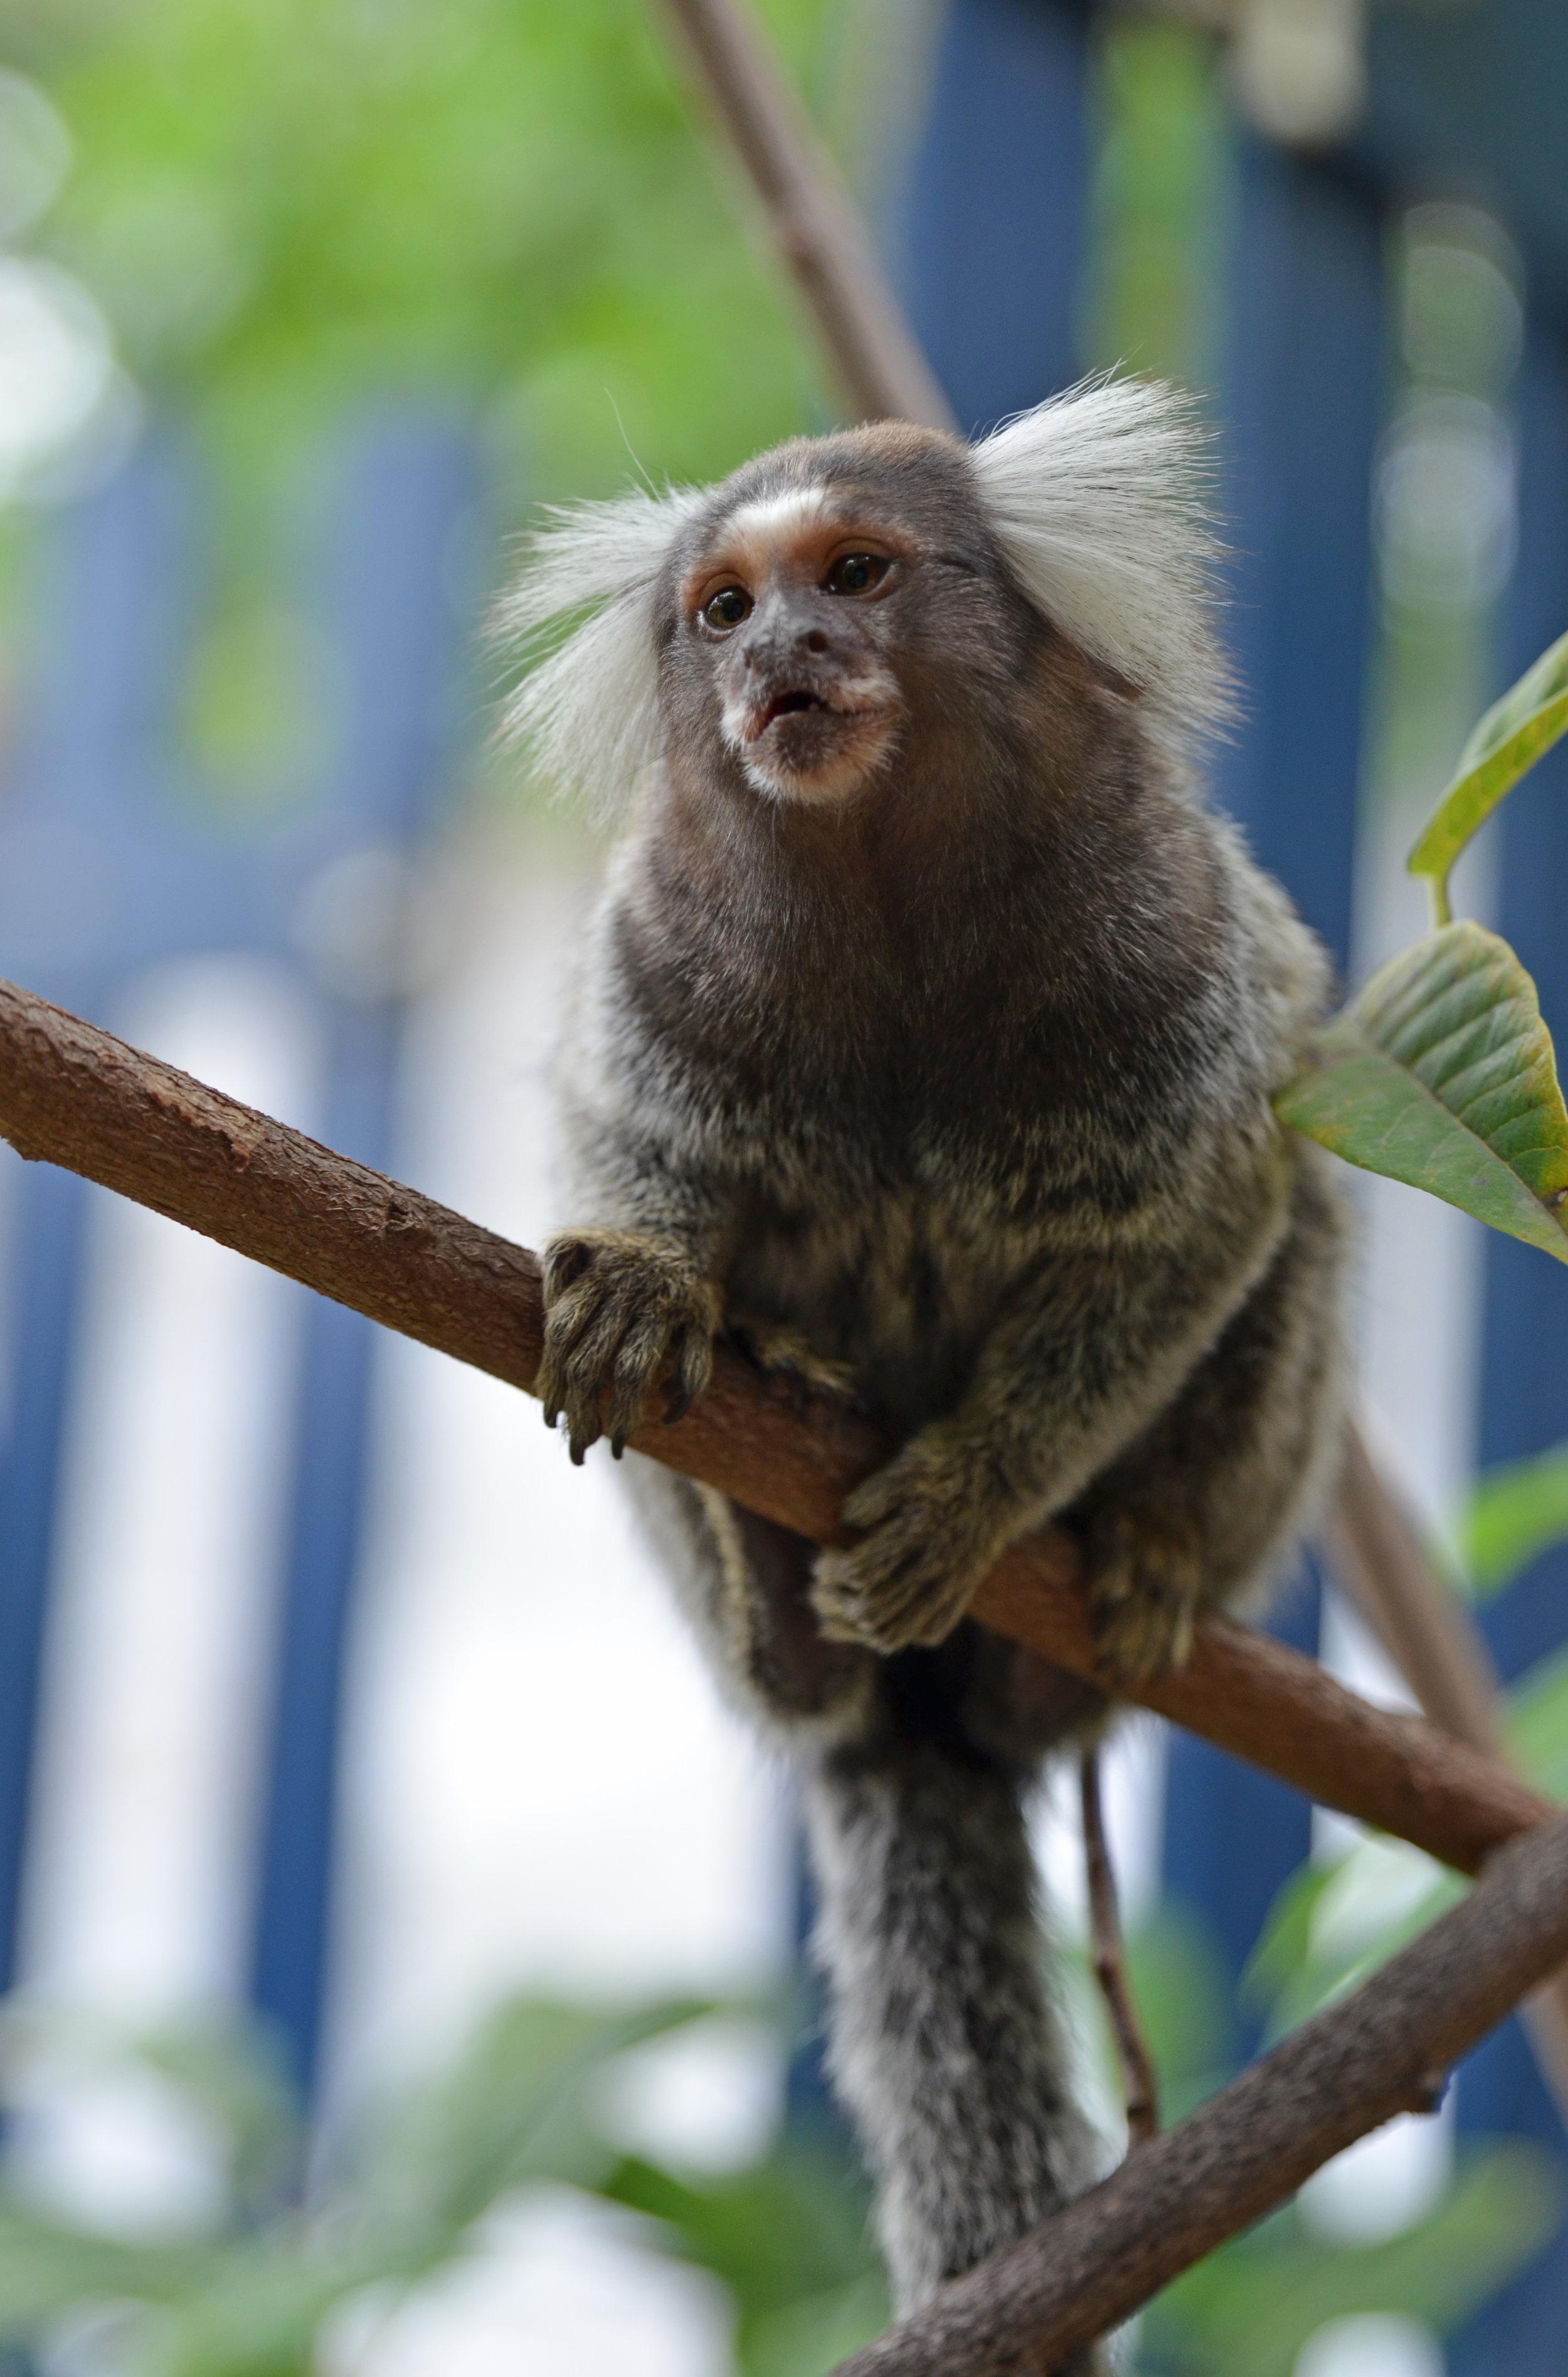 Mormoset monkey. So cute!